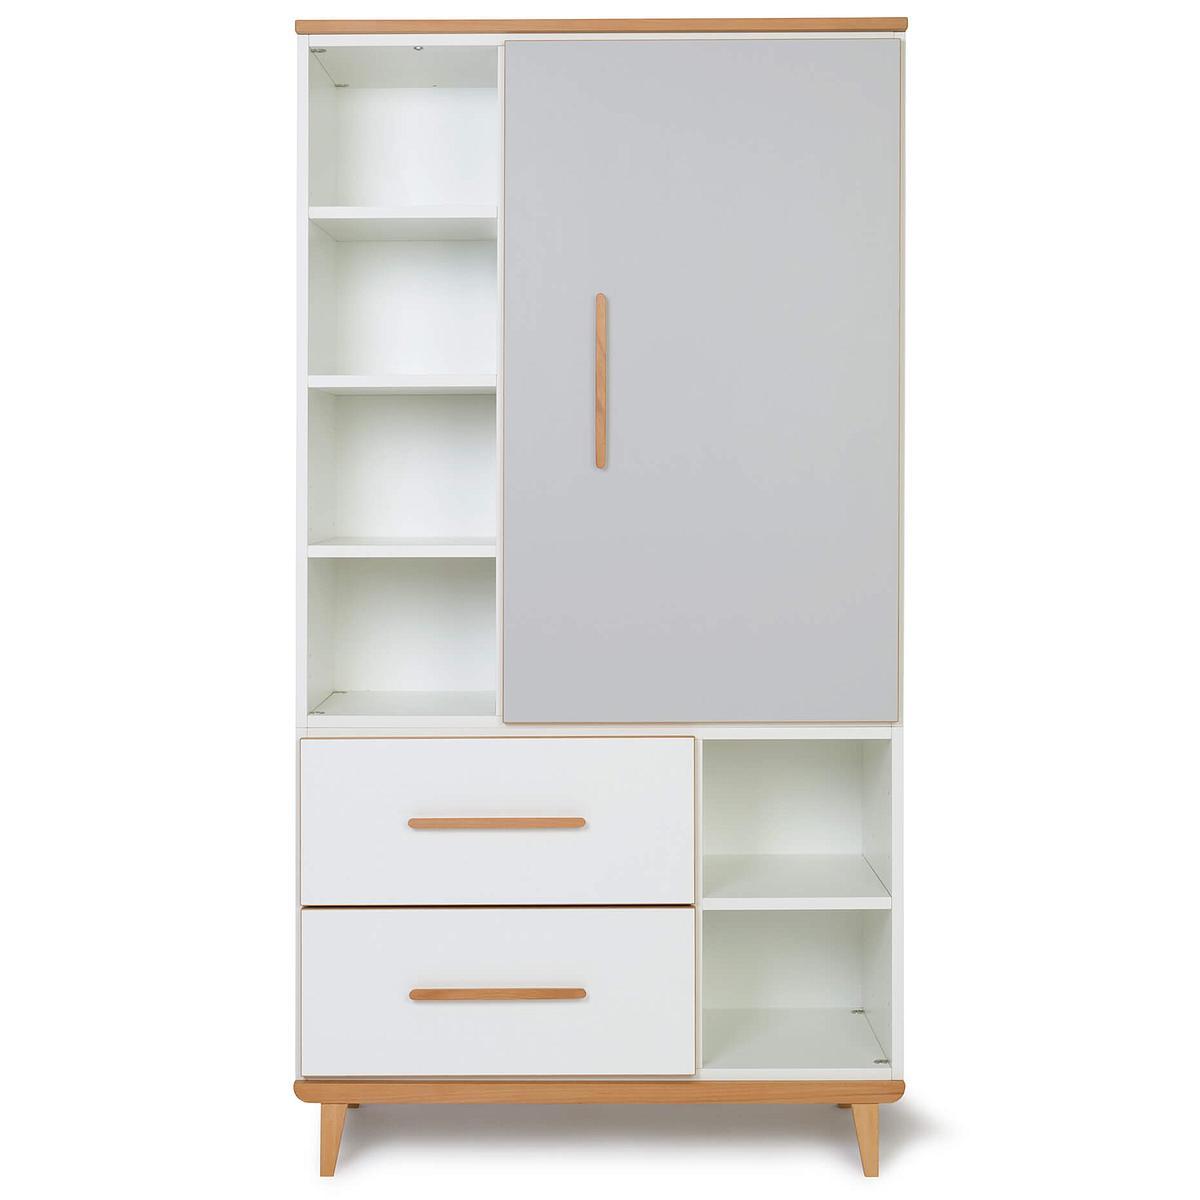 Armoire 173cm 1 porte 2 tiroirs NADO manhattan grey-white